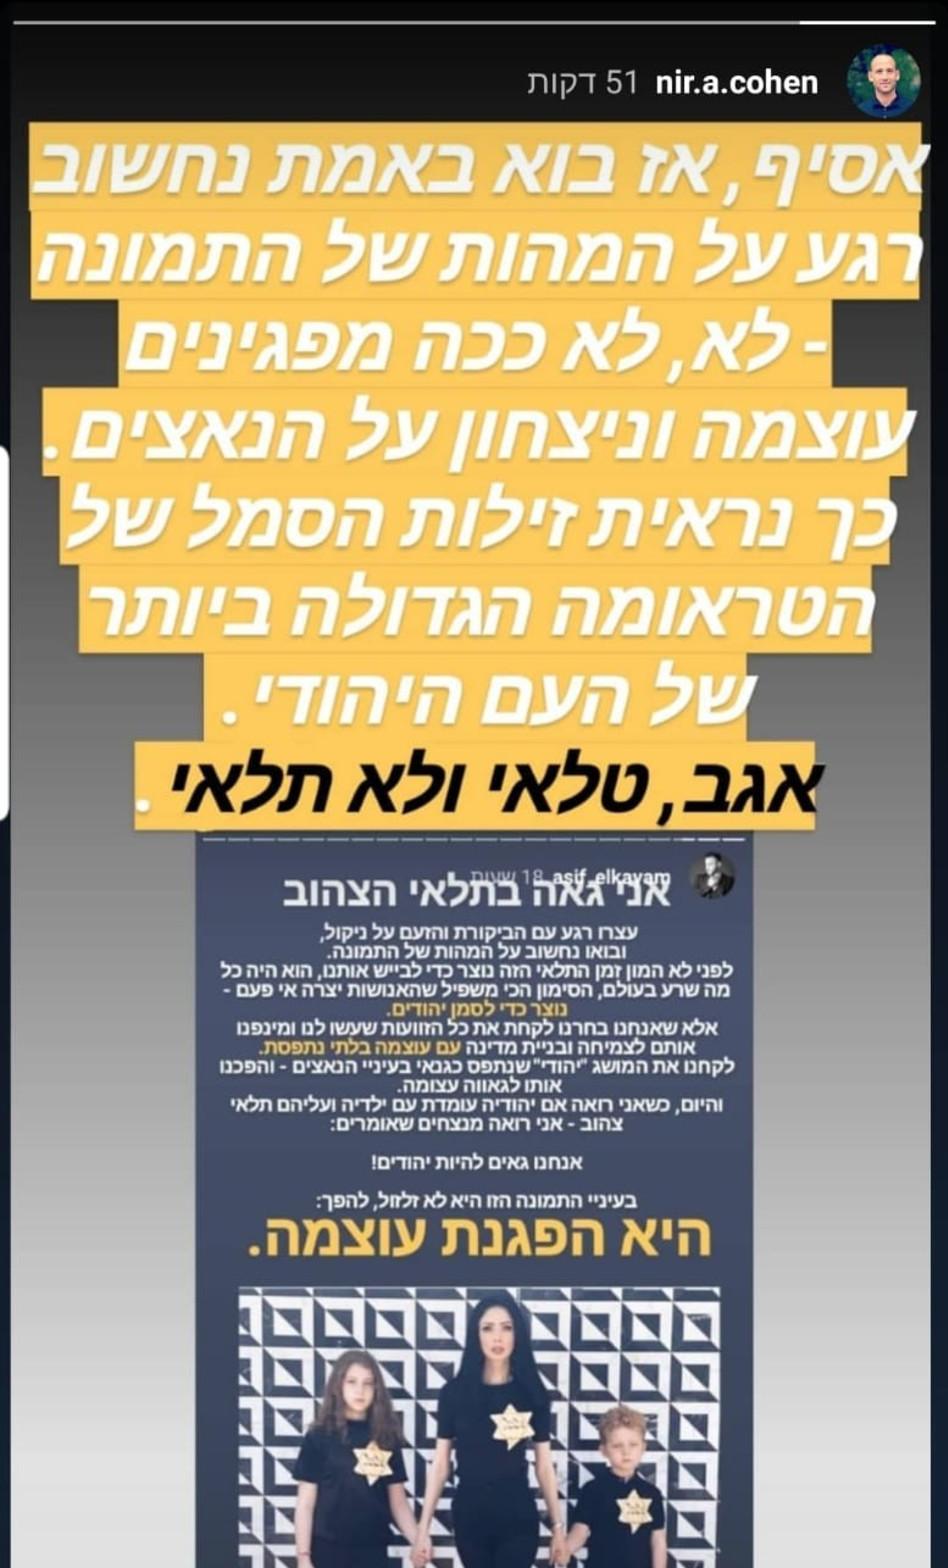 ניר אבישי כהן מגיב להגנתו של אסיף (צילום: צילום מסך אינסטגרם)